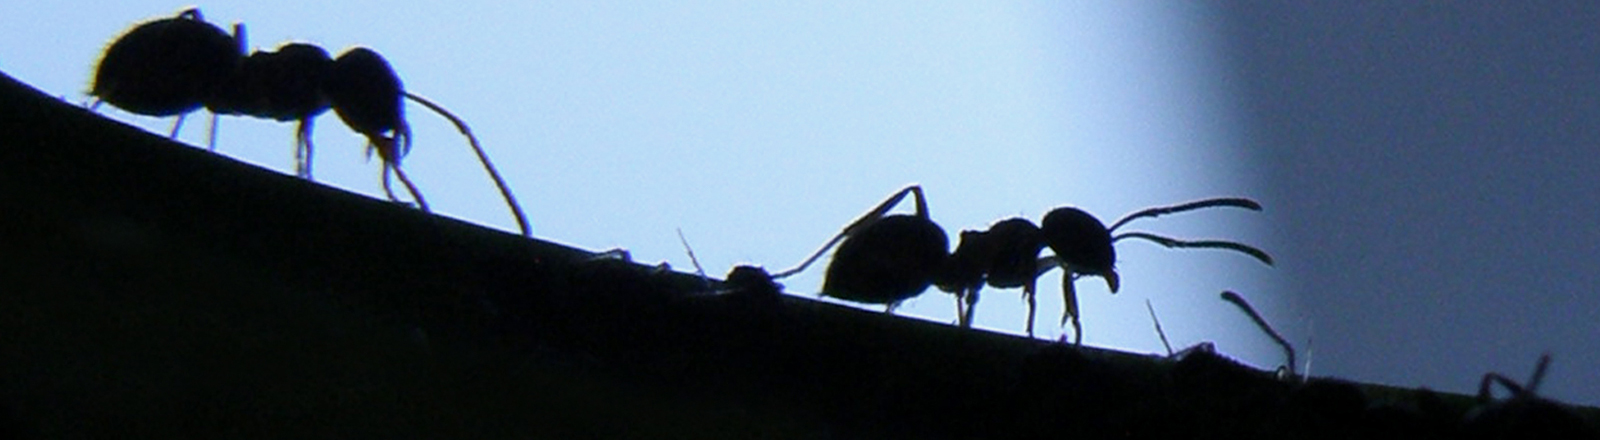 Zwei Ameisen im Gegenlicht